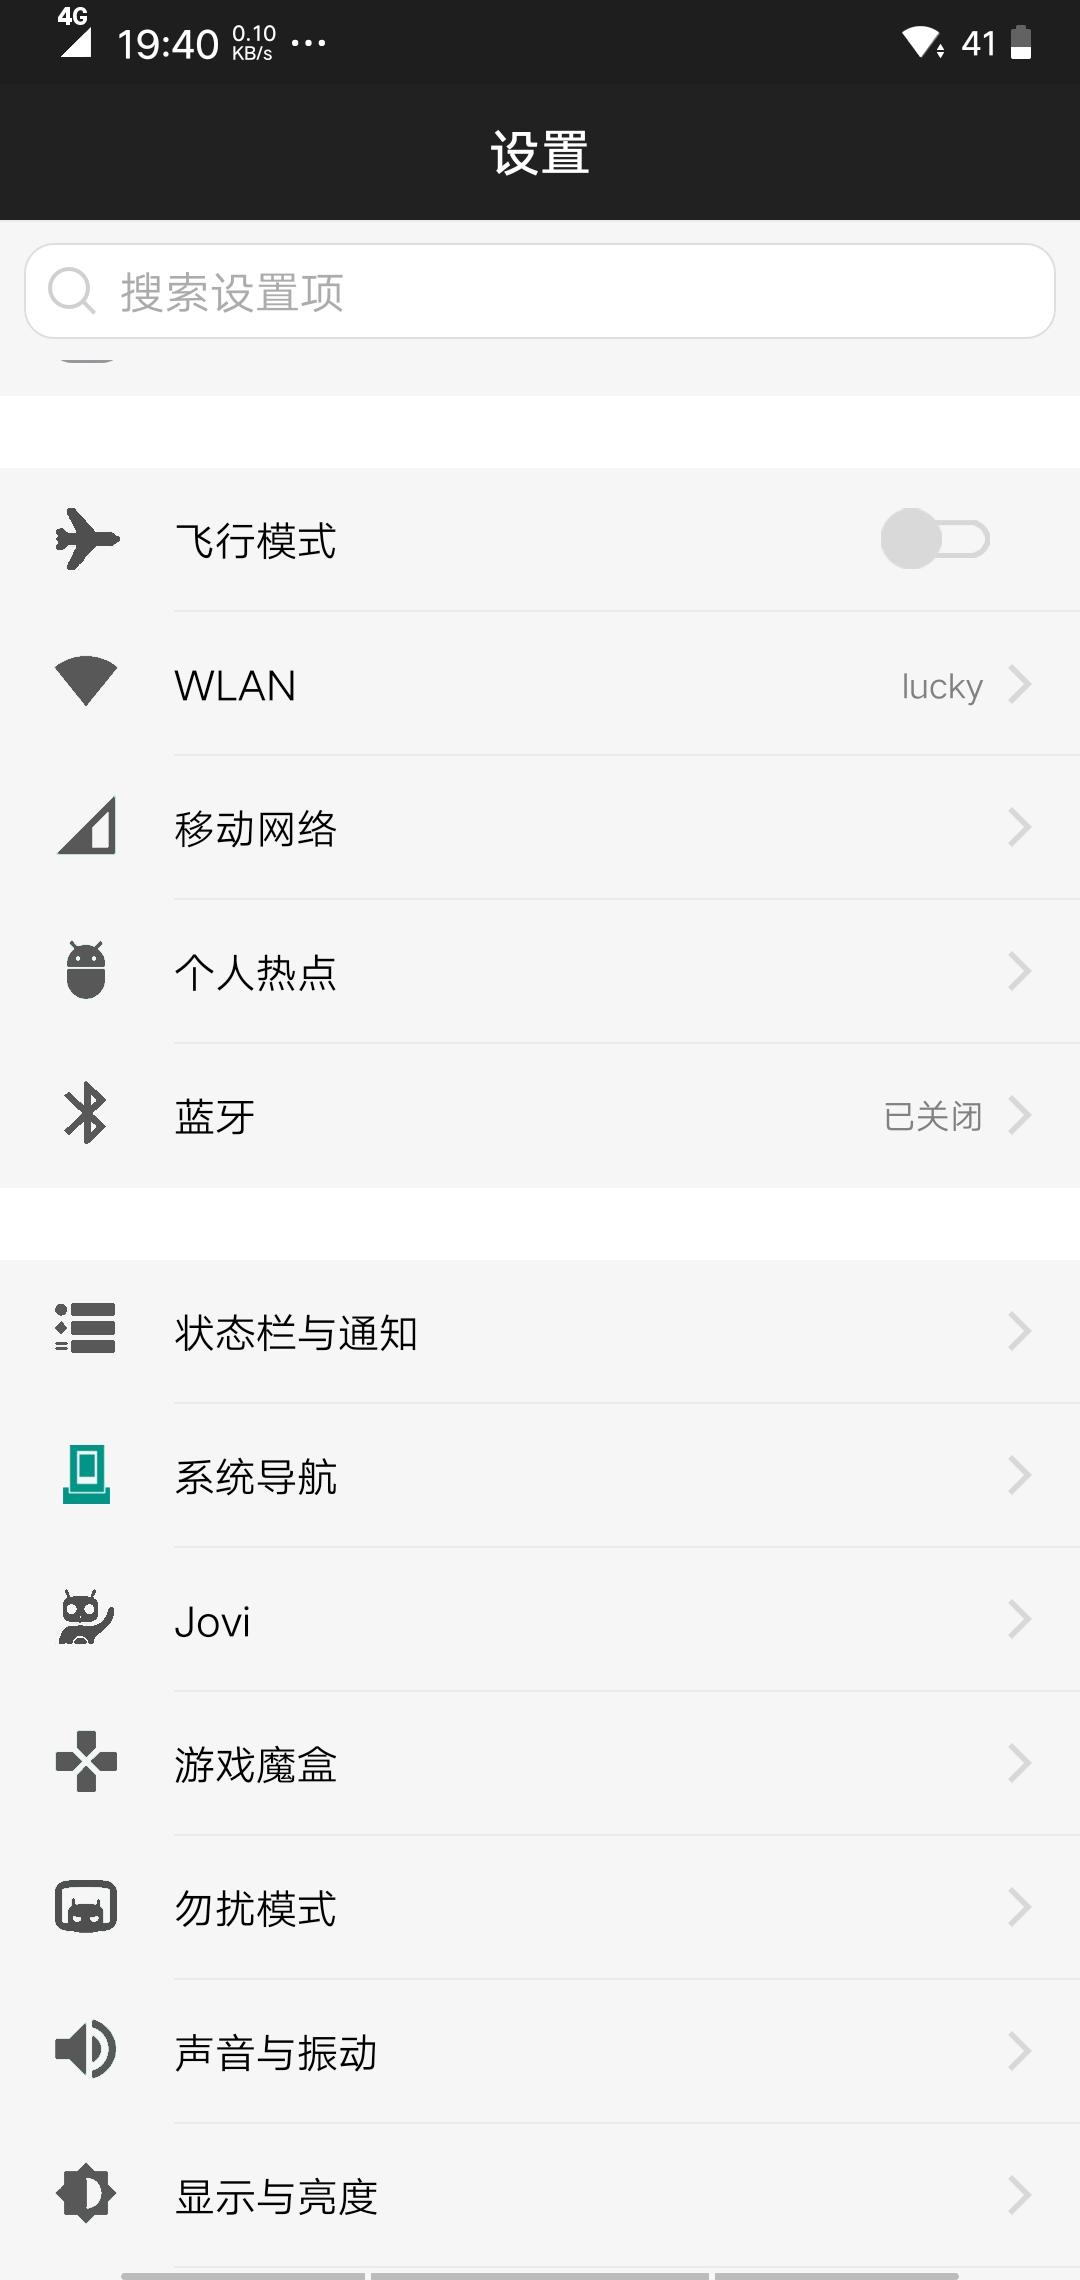 Screenshot_20190405_194045.jpg